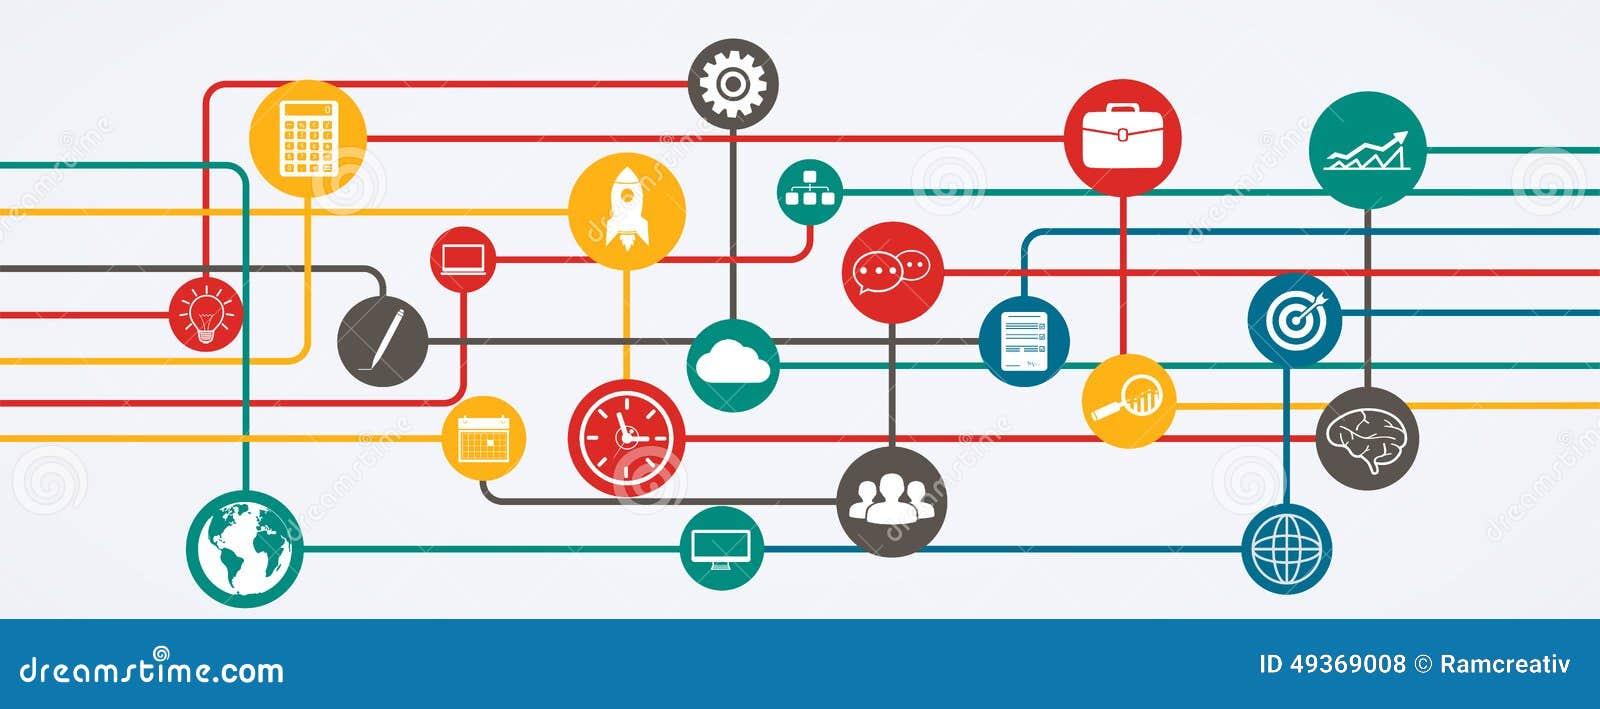 Συνδέσεις δικτύων, ροή πληροφοριών με τα εικονίδια στην οριζόντια θέση